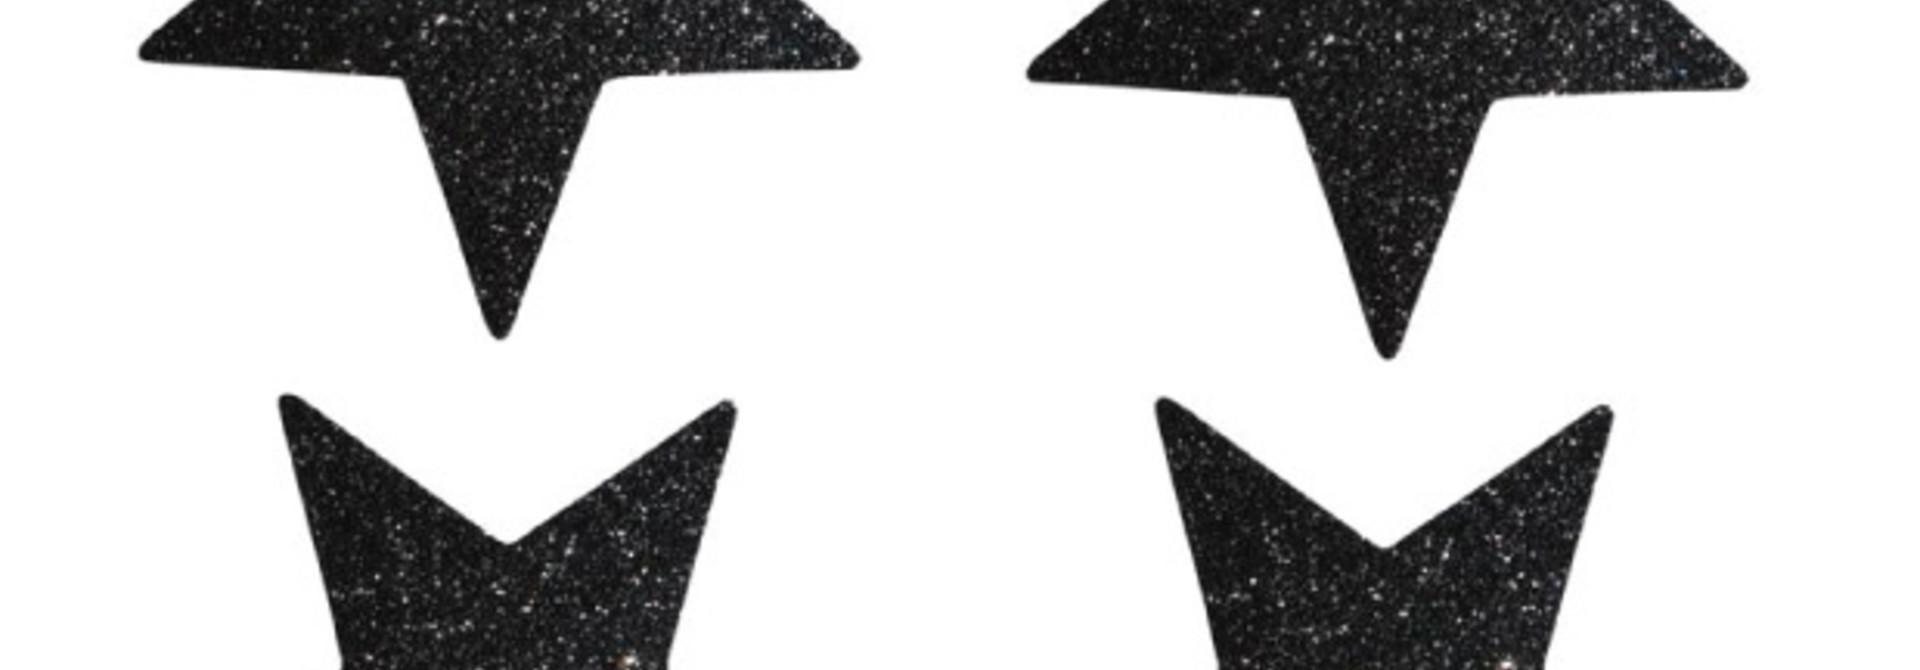 Sterren stickers zwart glitter (24 st)